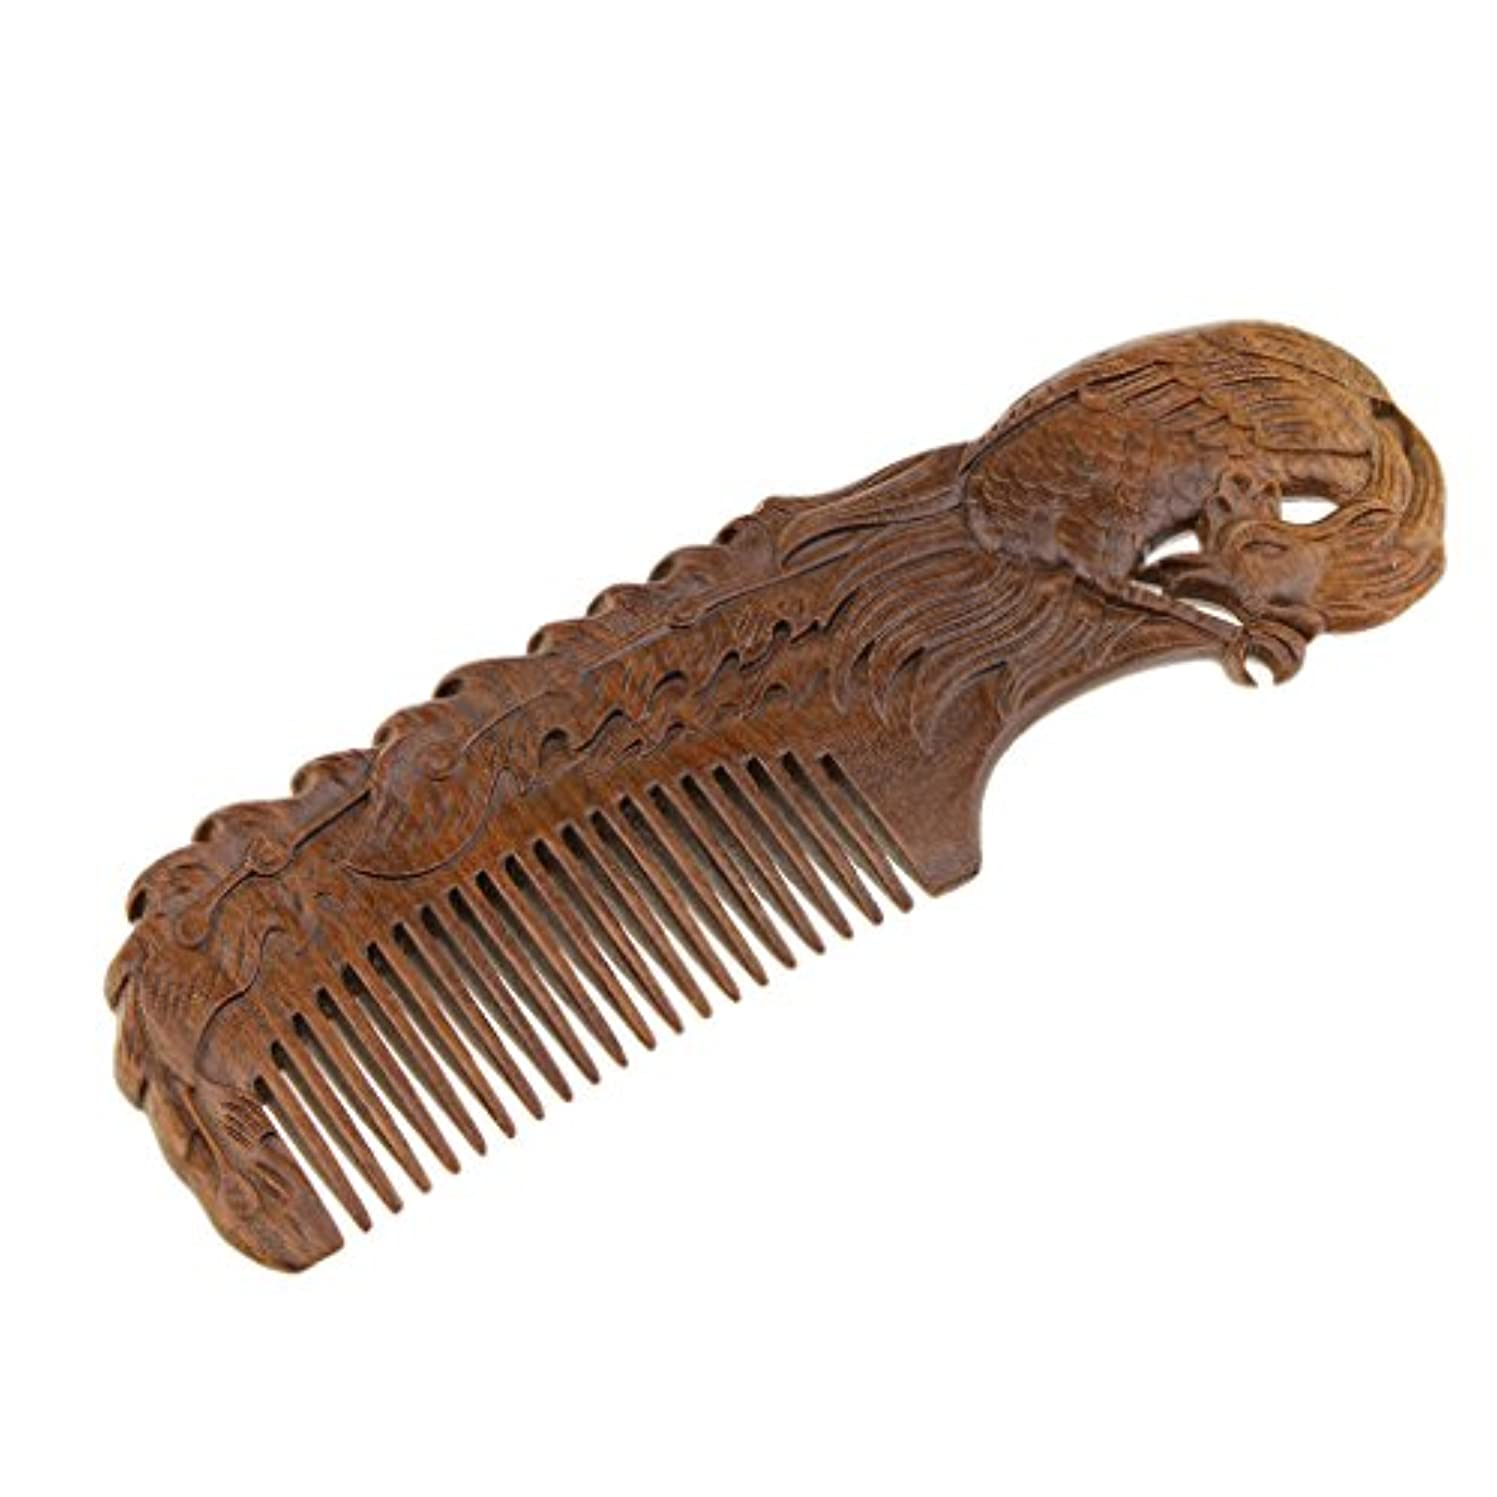 称賛ペルメル区別するヘアスタイリング ナチュラル ウッドコーム ワイド歯 ヘアコーム ヘアブラシ 櫛 プレゼント 全2タイプ - Phoenix